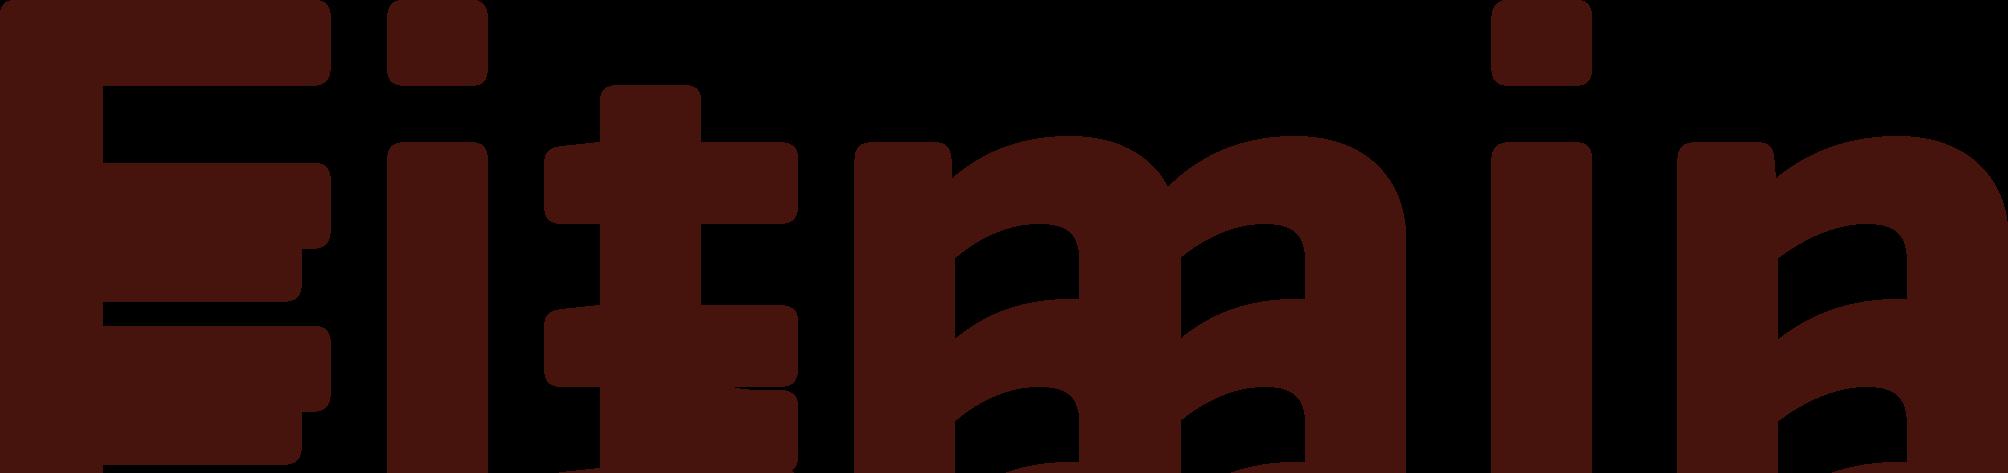 Fitmin tým - závody